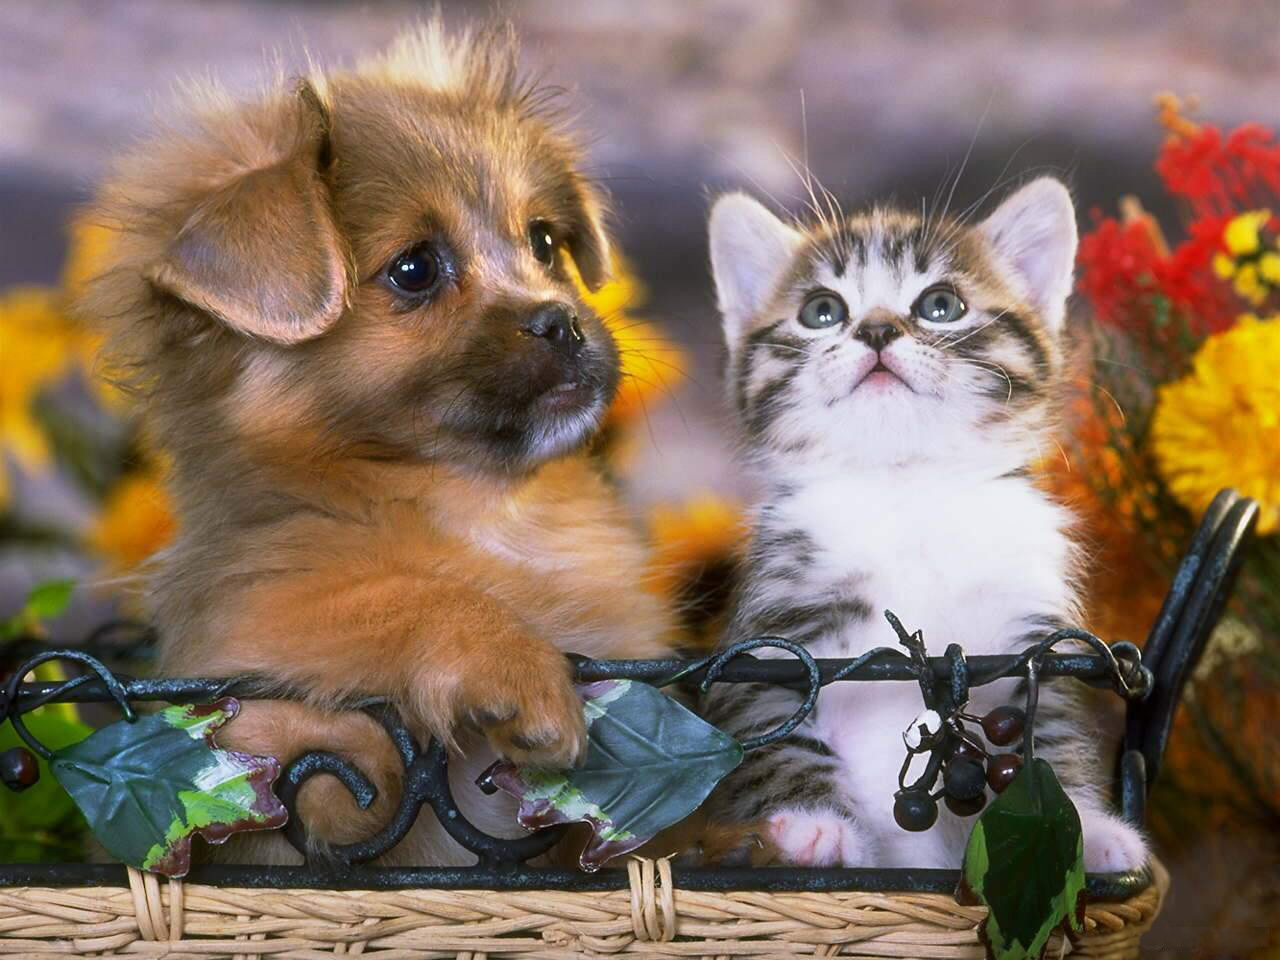 17-летию, картинки с котятами и щенками милые